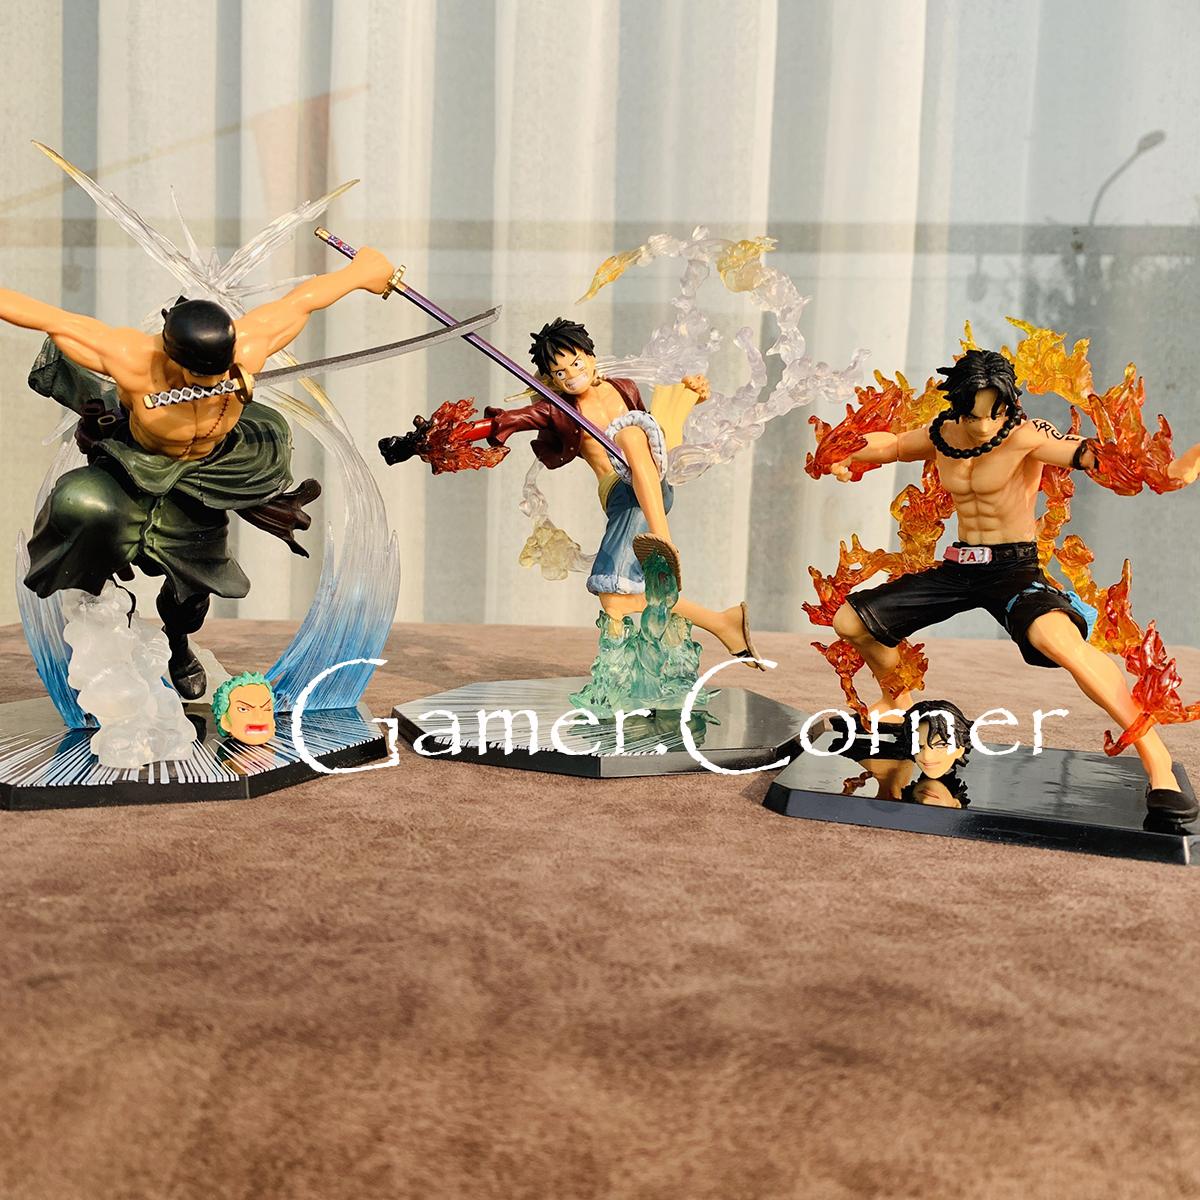 Mô hình one piece - Luffy Mũ Rơm, Zoro Tam Kiếm,  Ace Hỏa Quyền, Sanji Hắc Cước